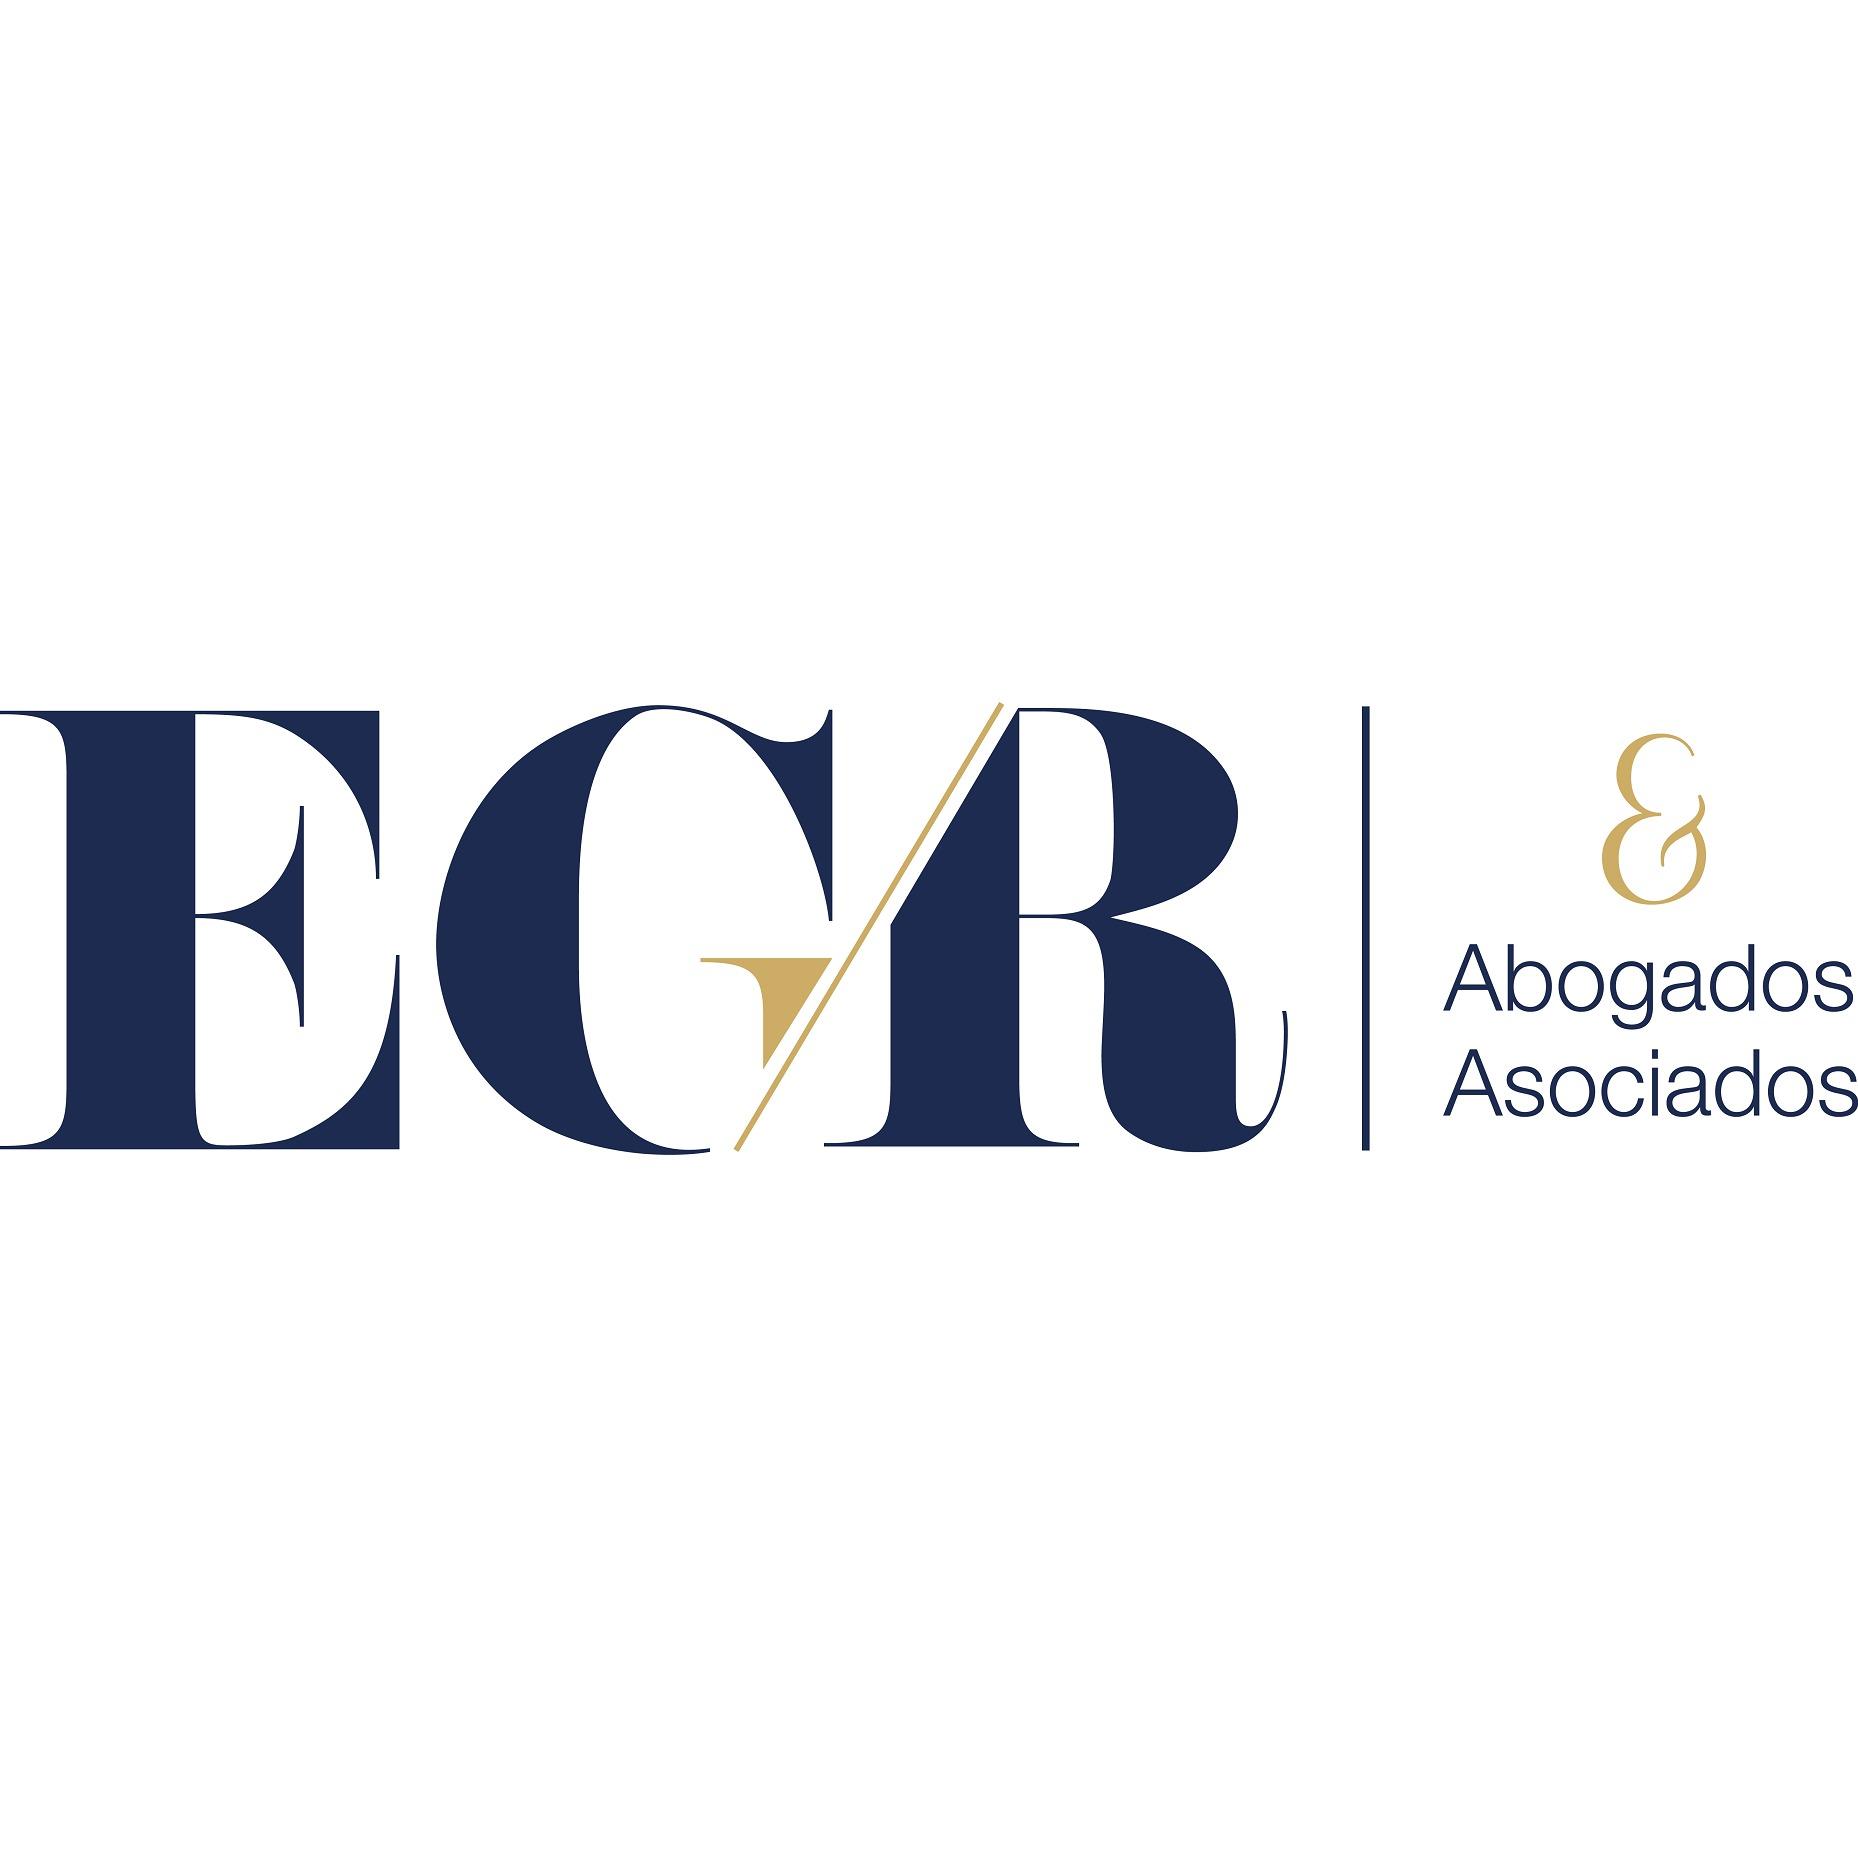 the EGR Abogados logo.